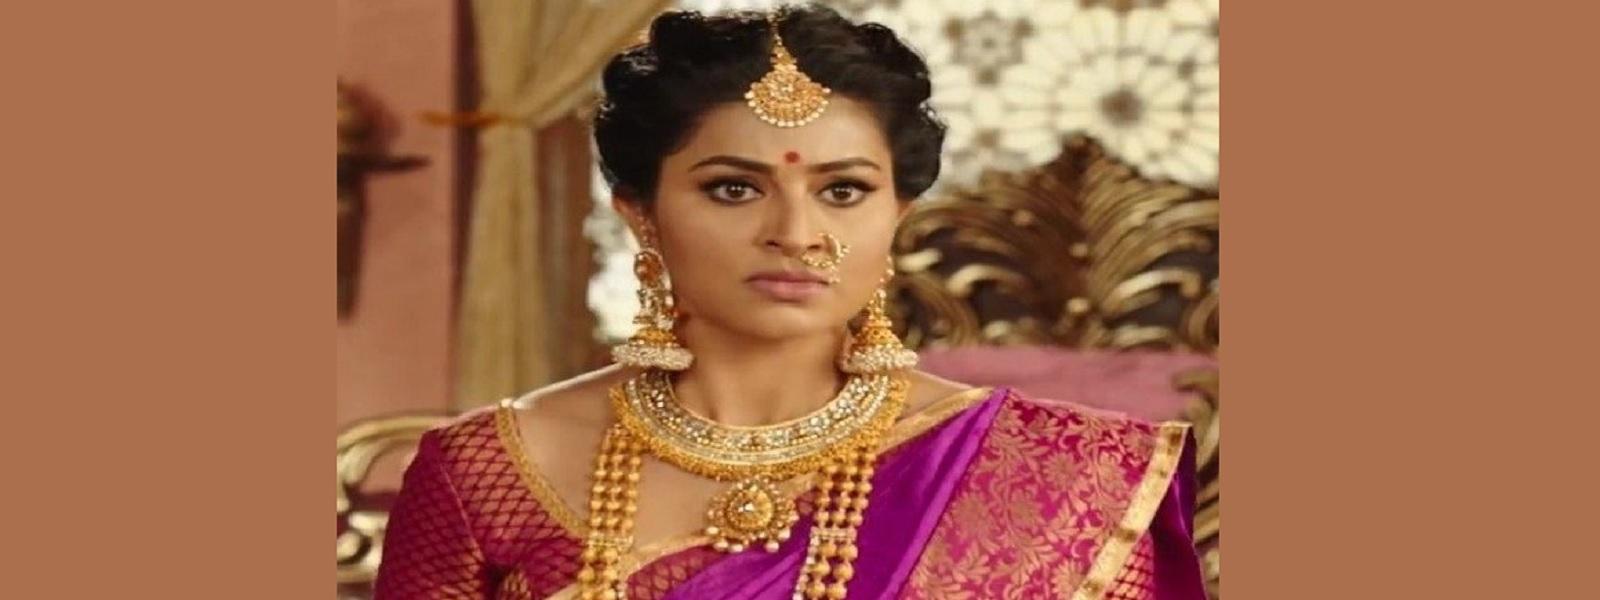 குருஷேத்திராவில் திரௌபதியாக சினேகா